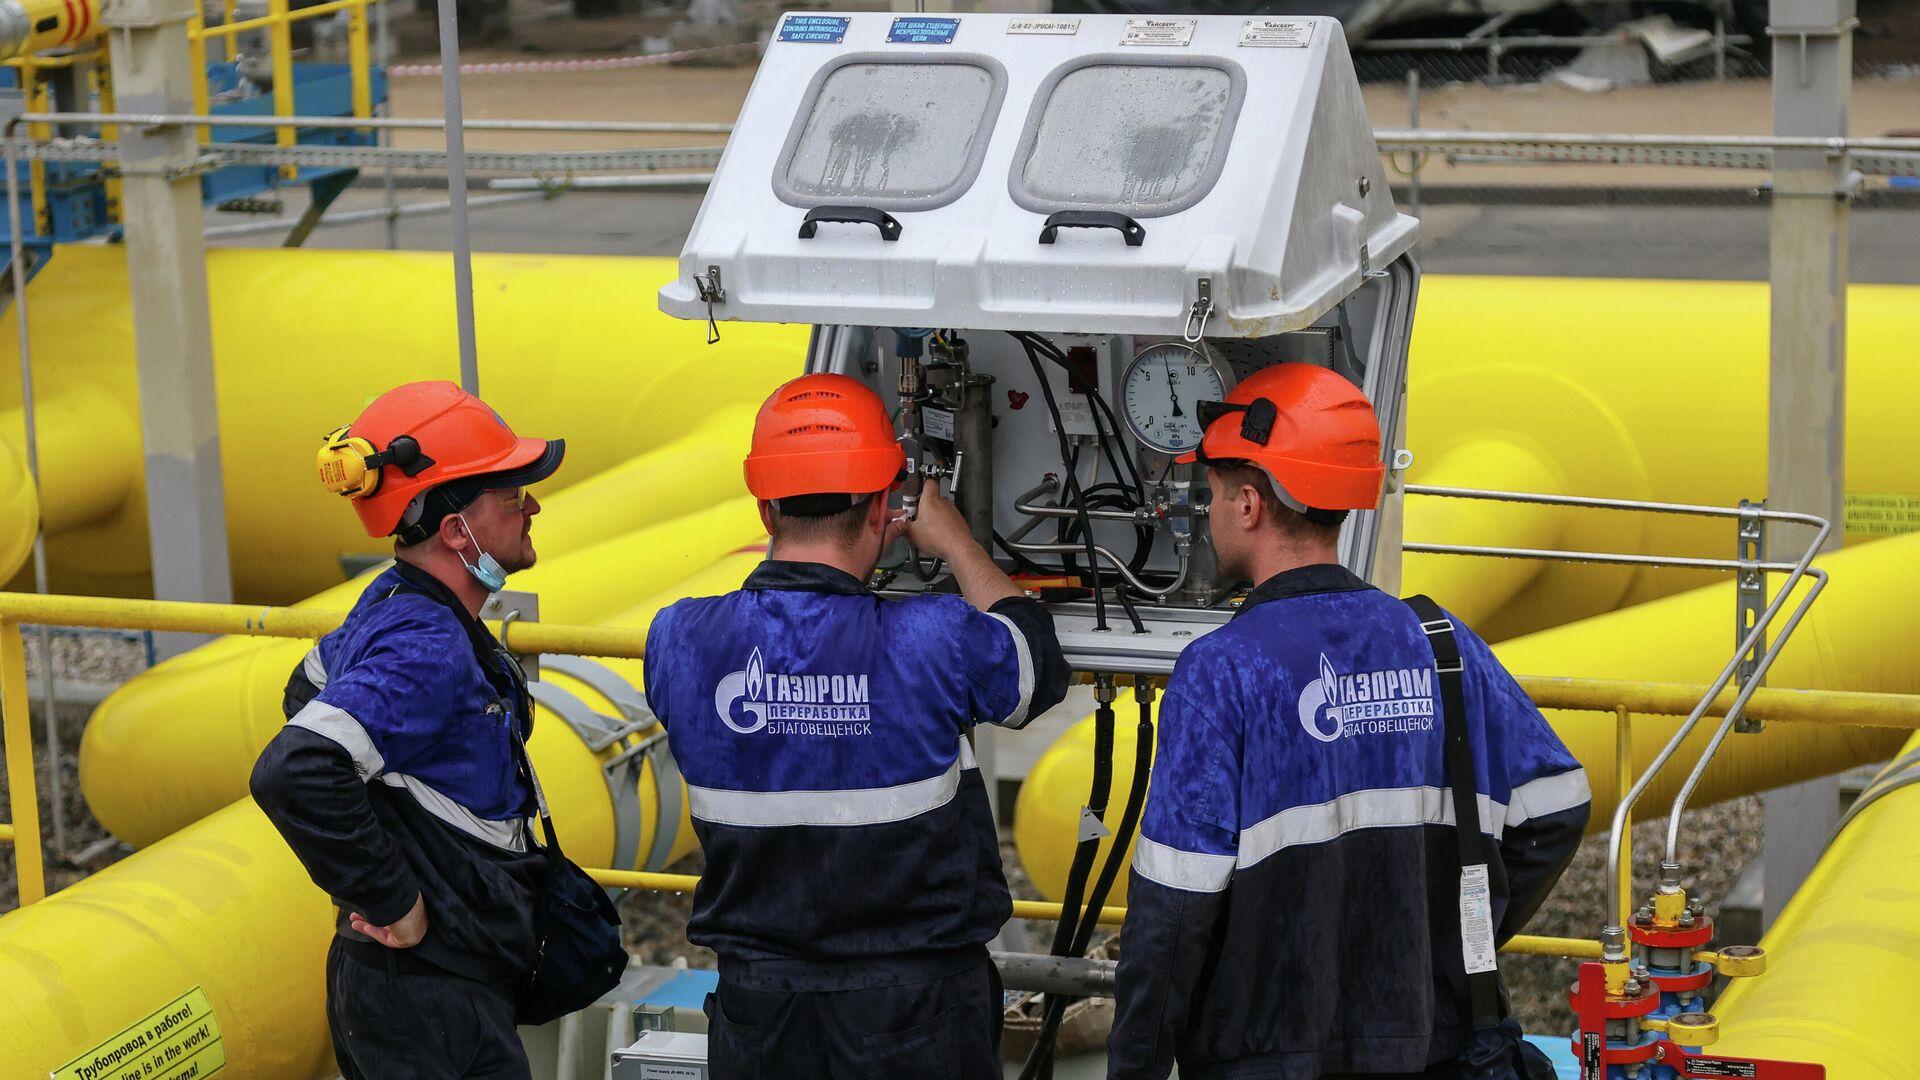 Рабочие у узлов учета газа Амурского газоперерабатывающего завода компании Газпром - РИА Новости, 1920, 24.08.2021